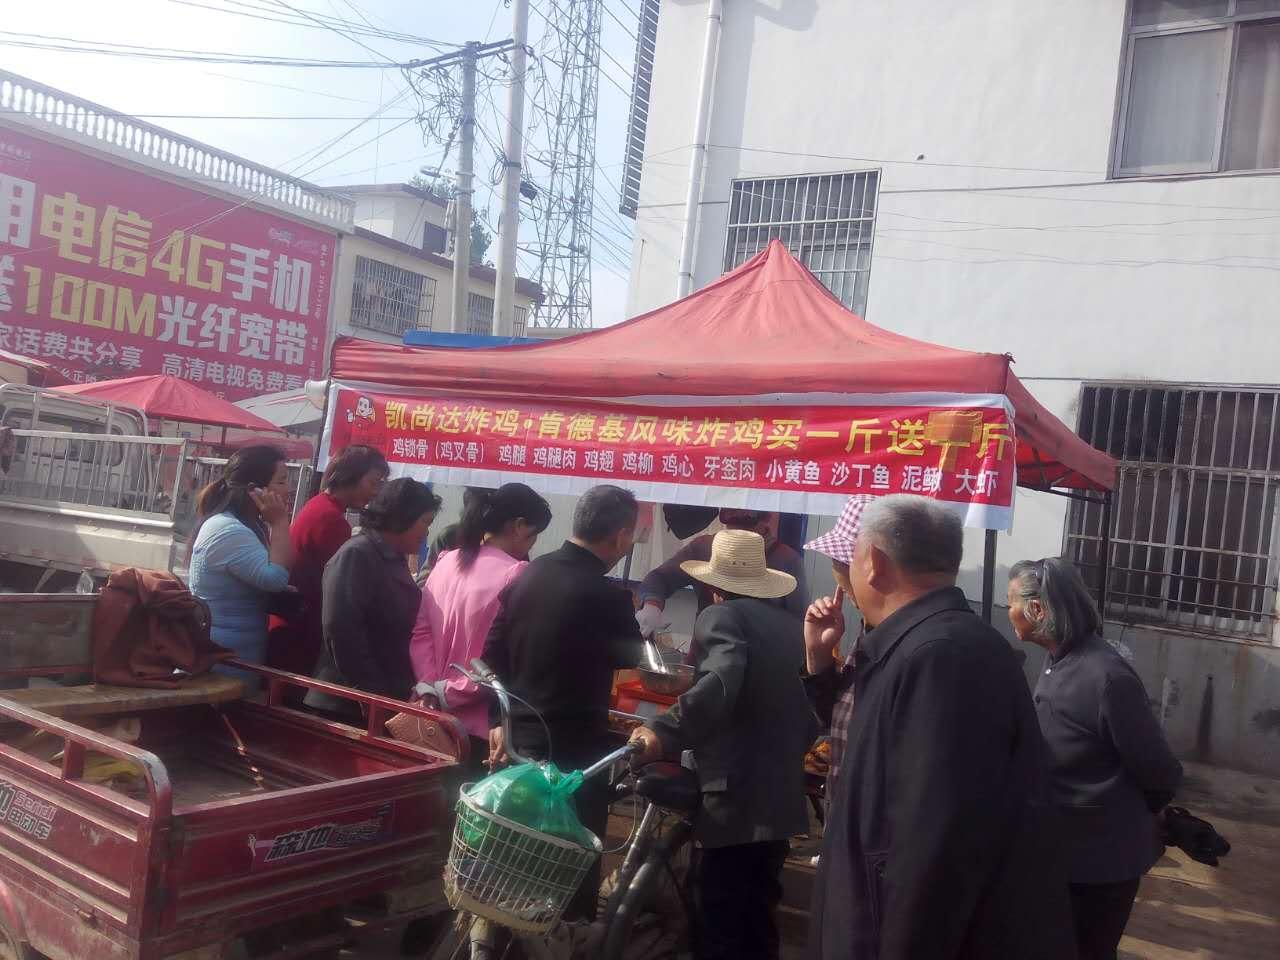 贵州肯德基风味炸鸡叉骨加盟-肯德基风味炸鸡叉骨加盟选郑州市凯尚达餐饮公司